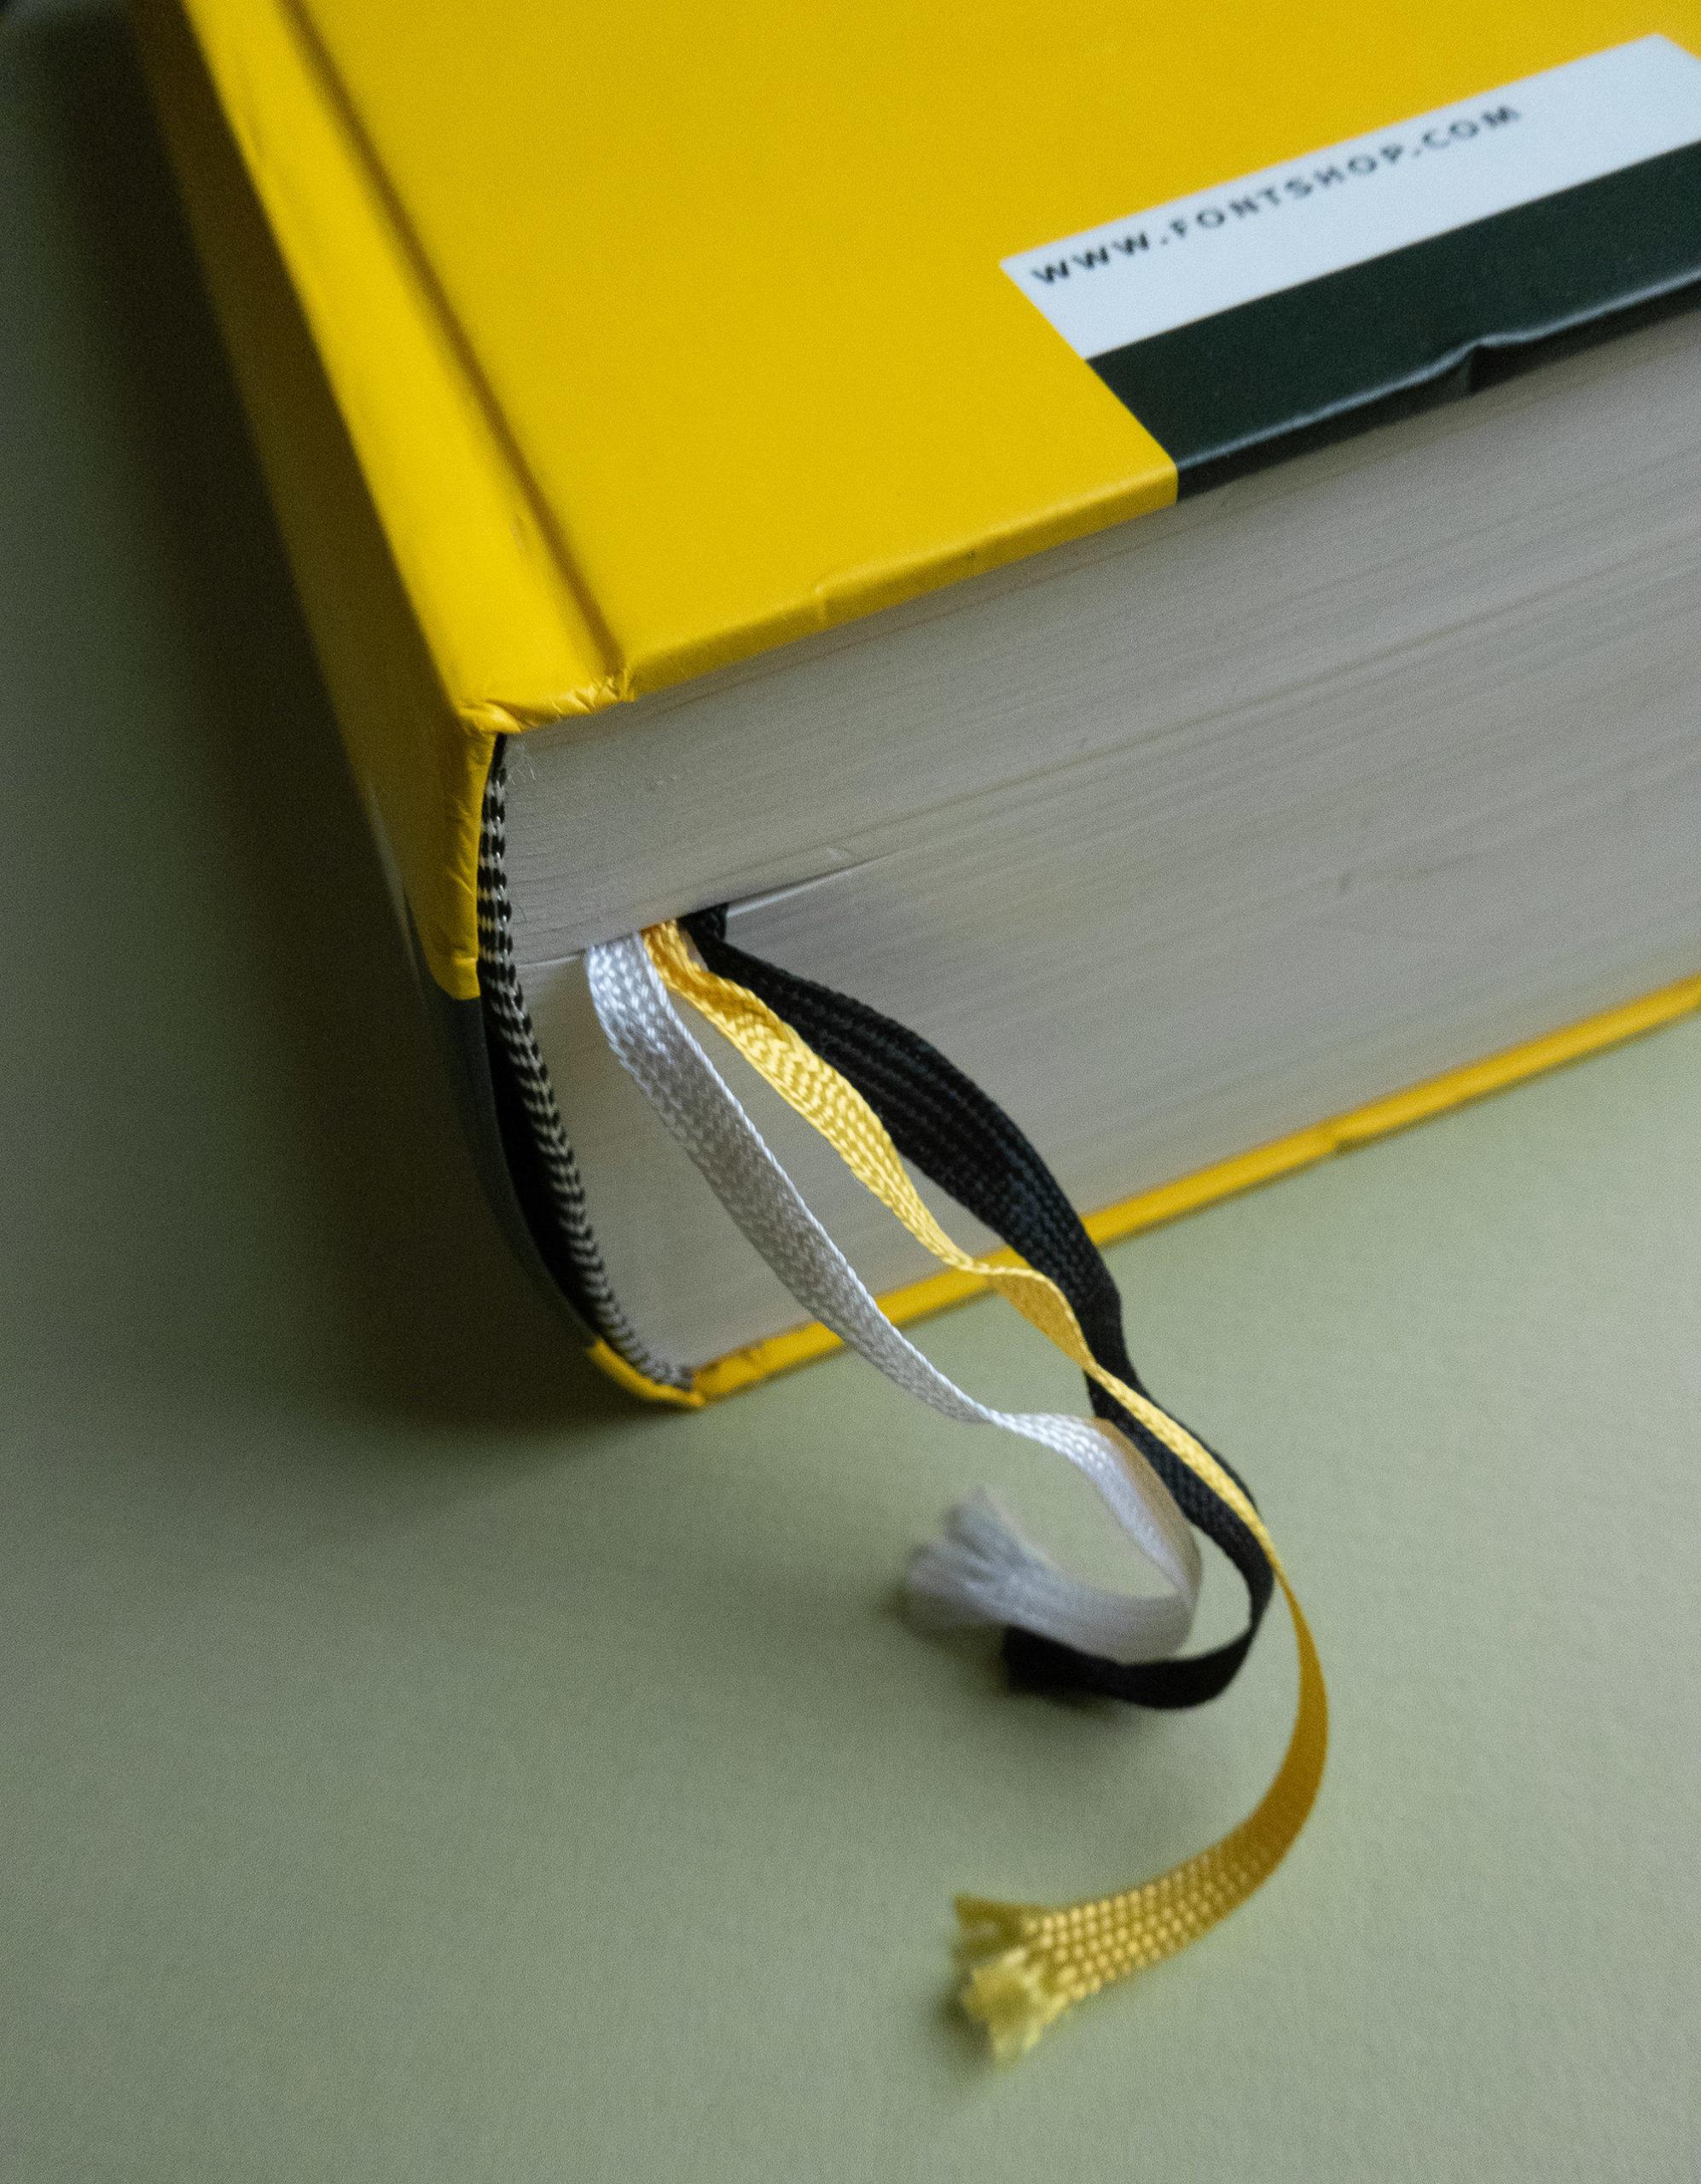 FontBook bookmarks